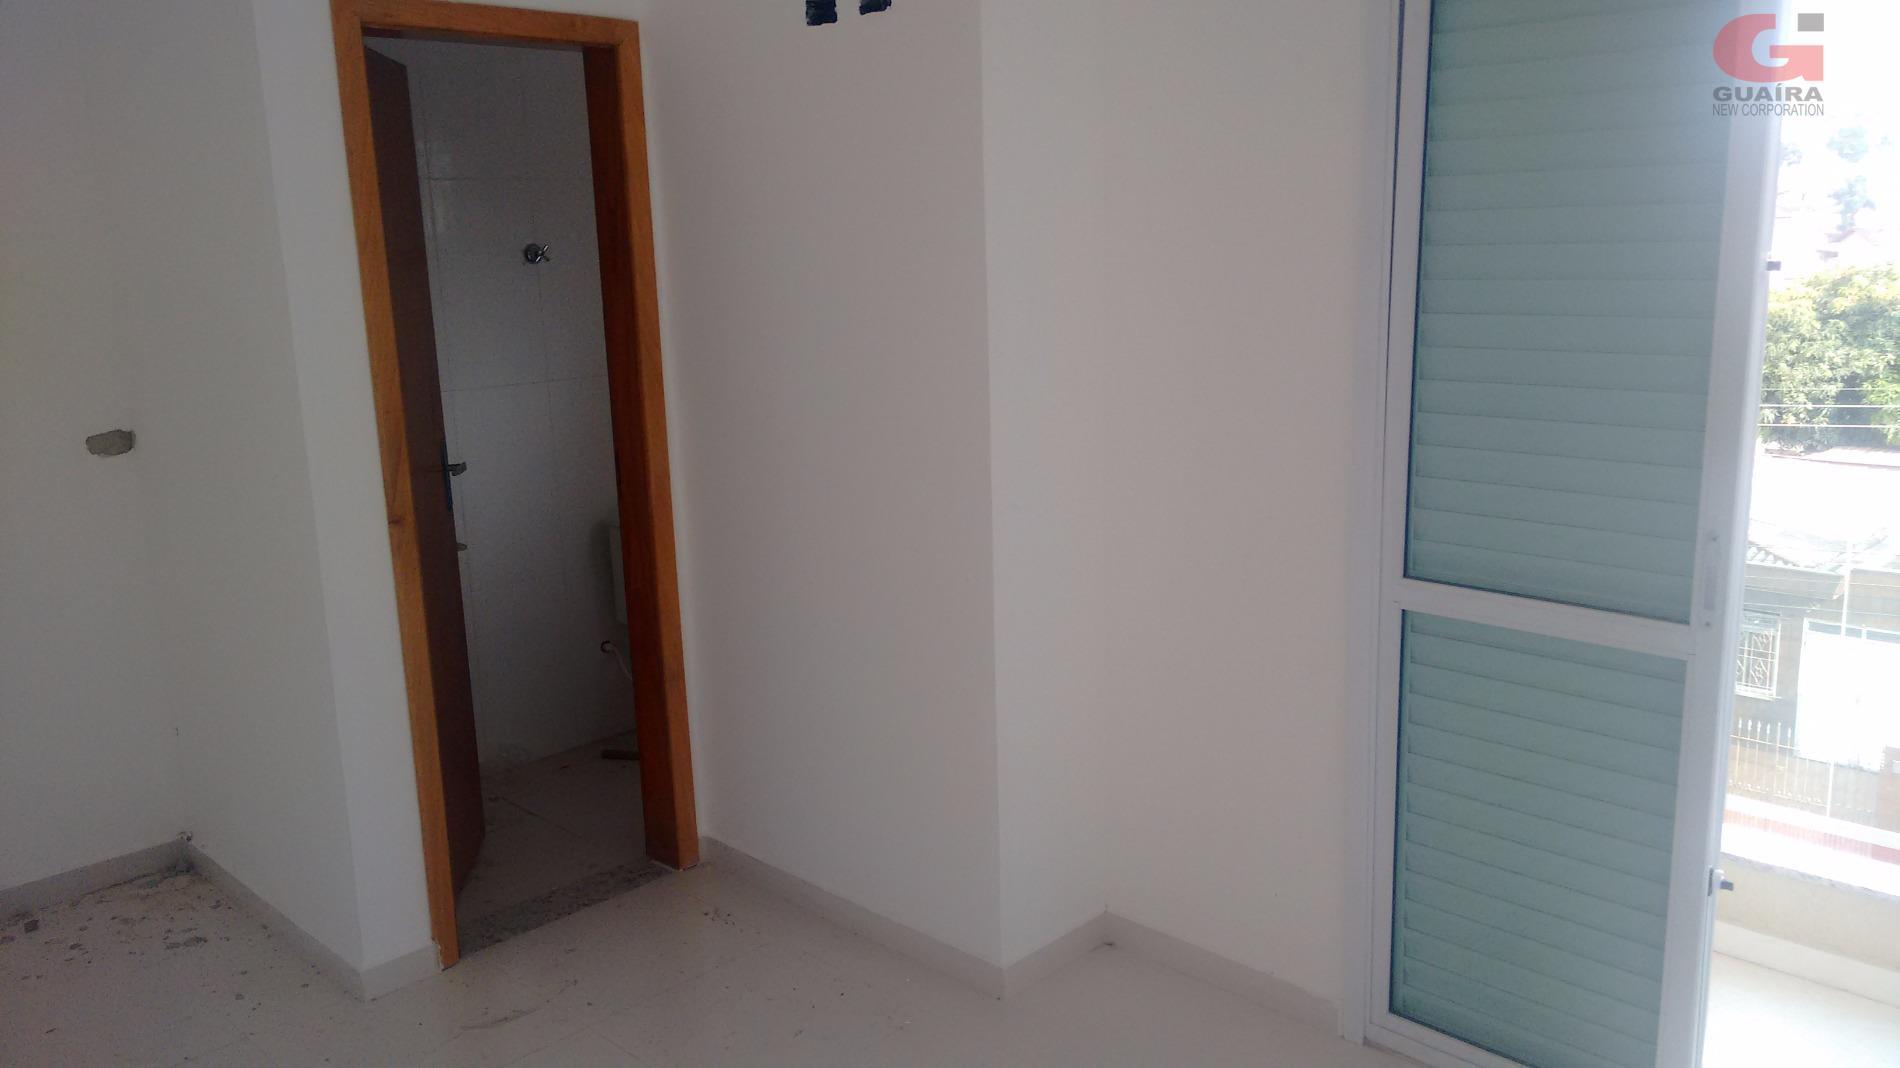 Apartamento de 2 dormitórios à venda em Parque Capuava, Santo André - SP